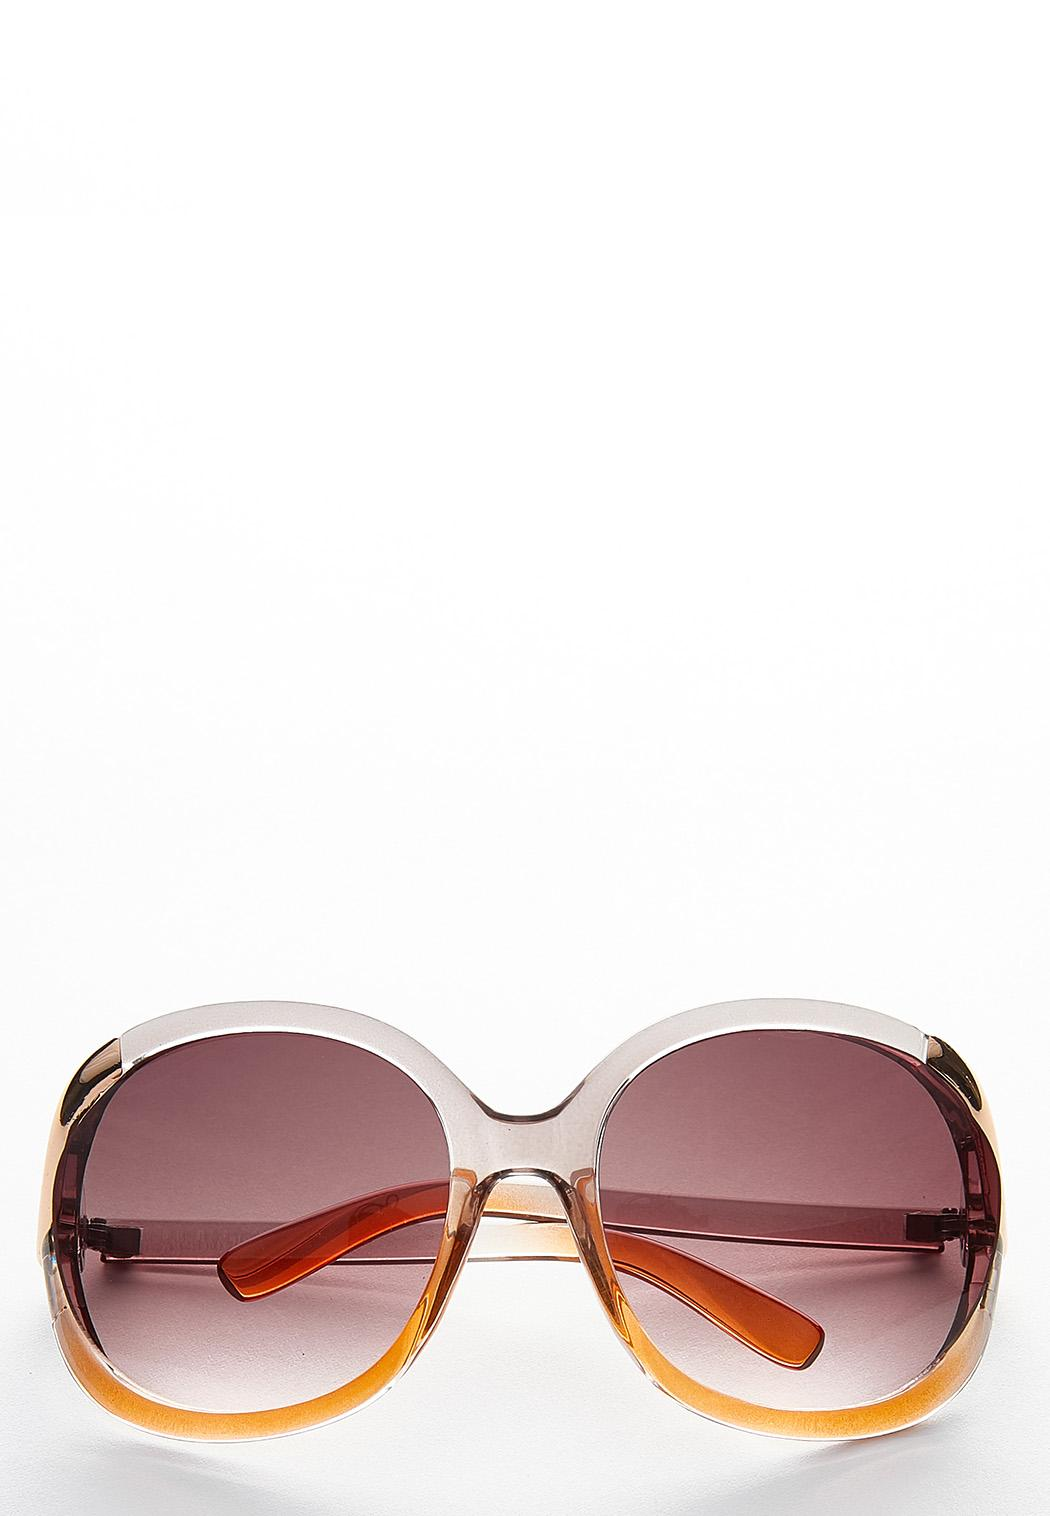 Lucite Vented Round Sunglasses